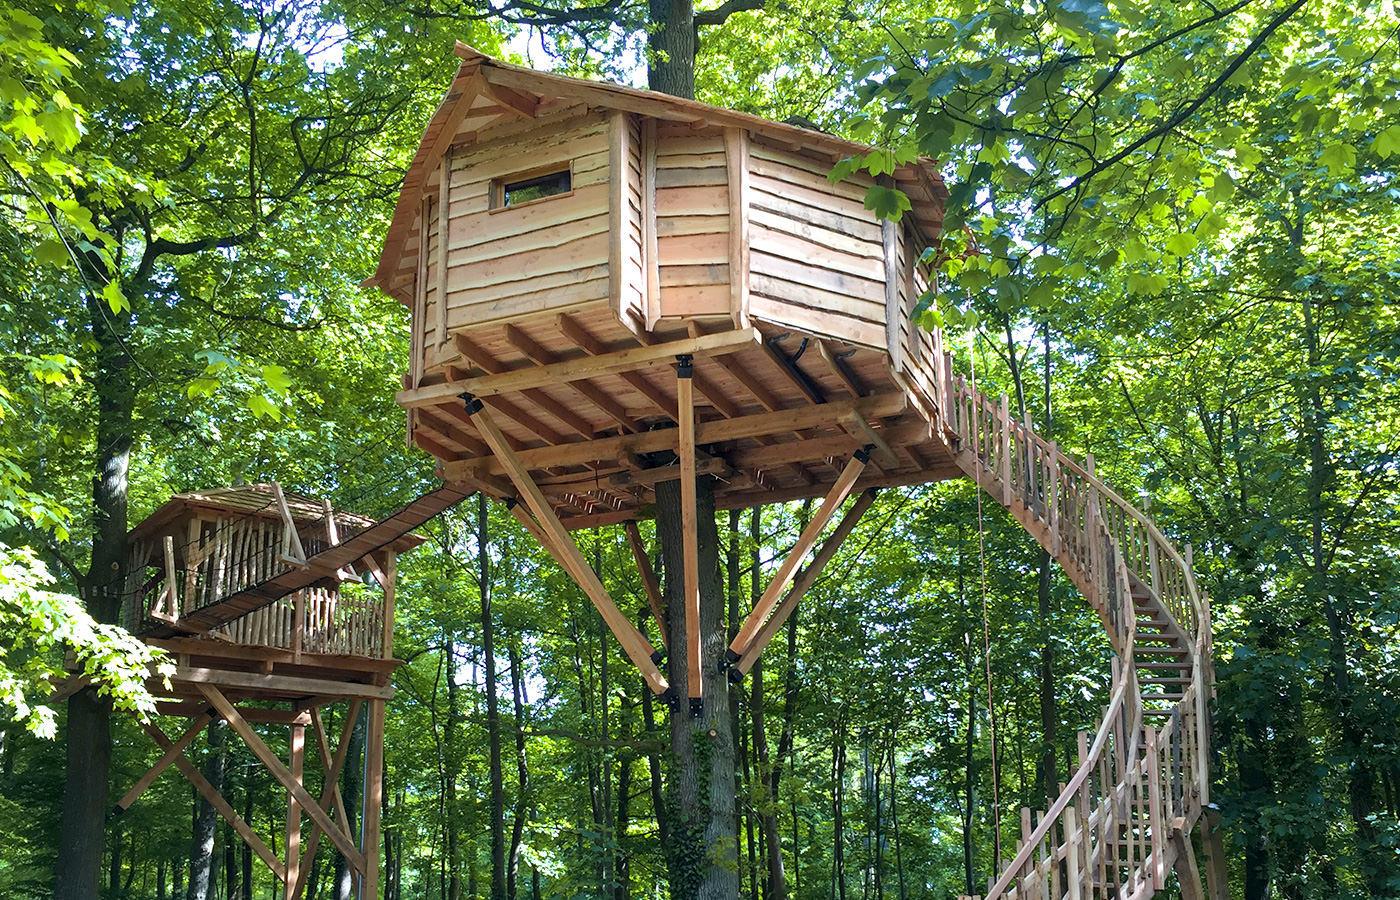 Cabane dans les arbres image